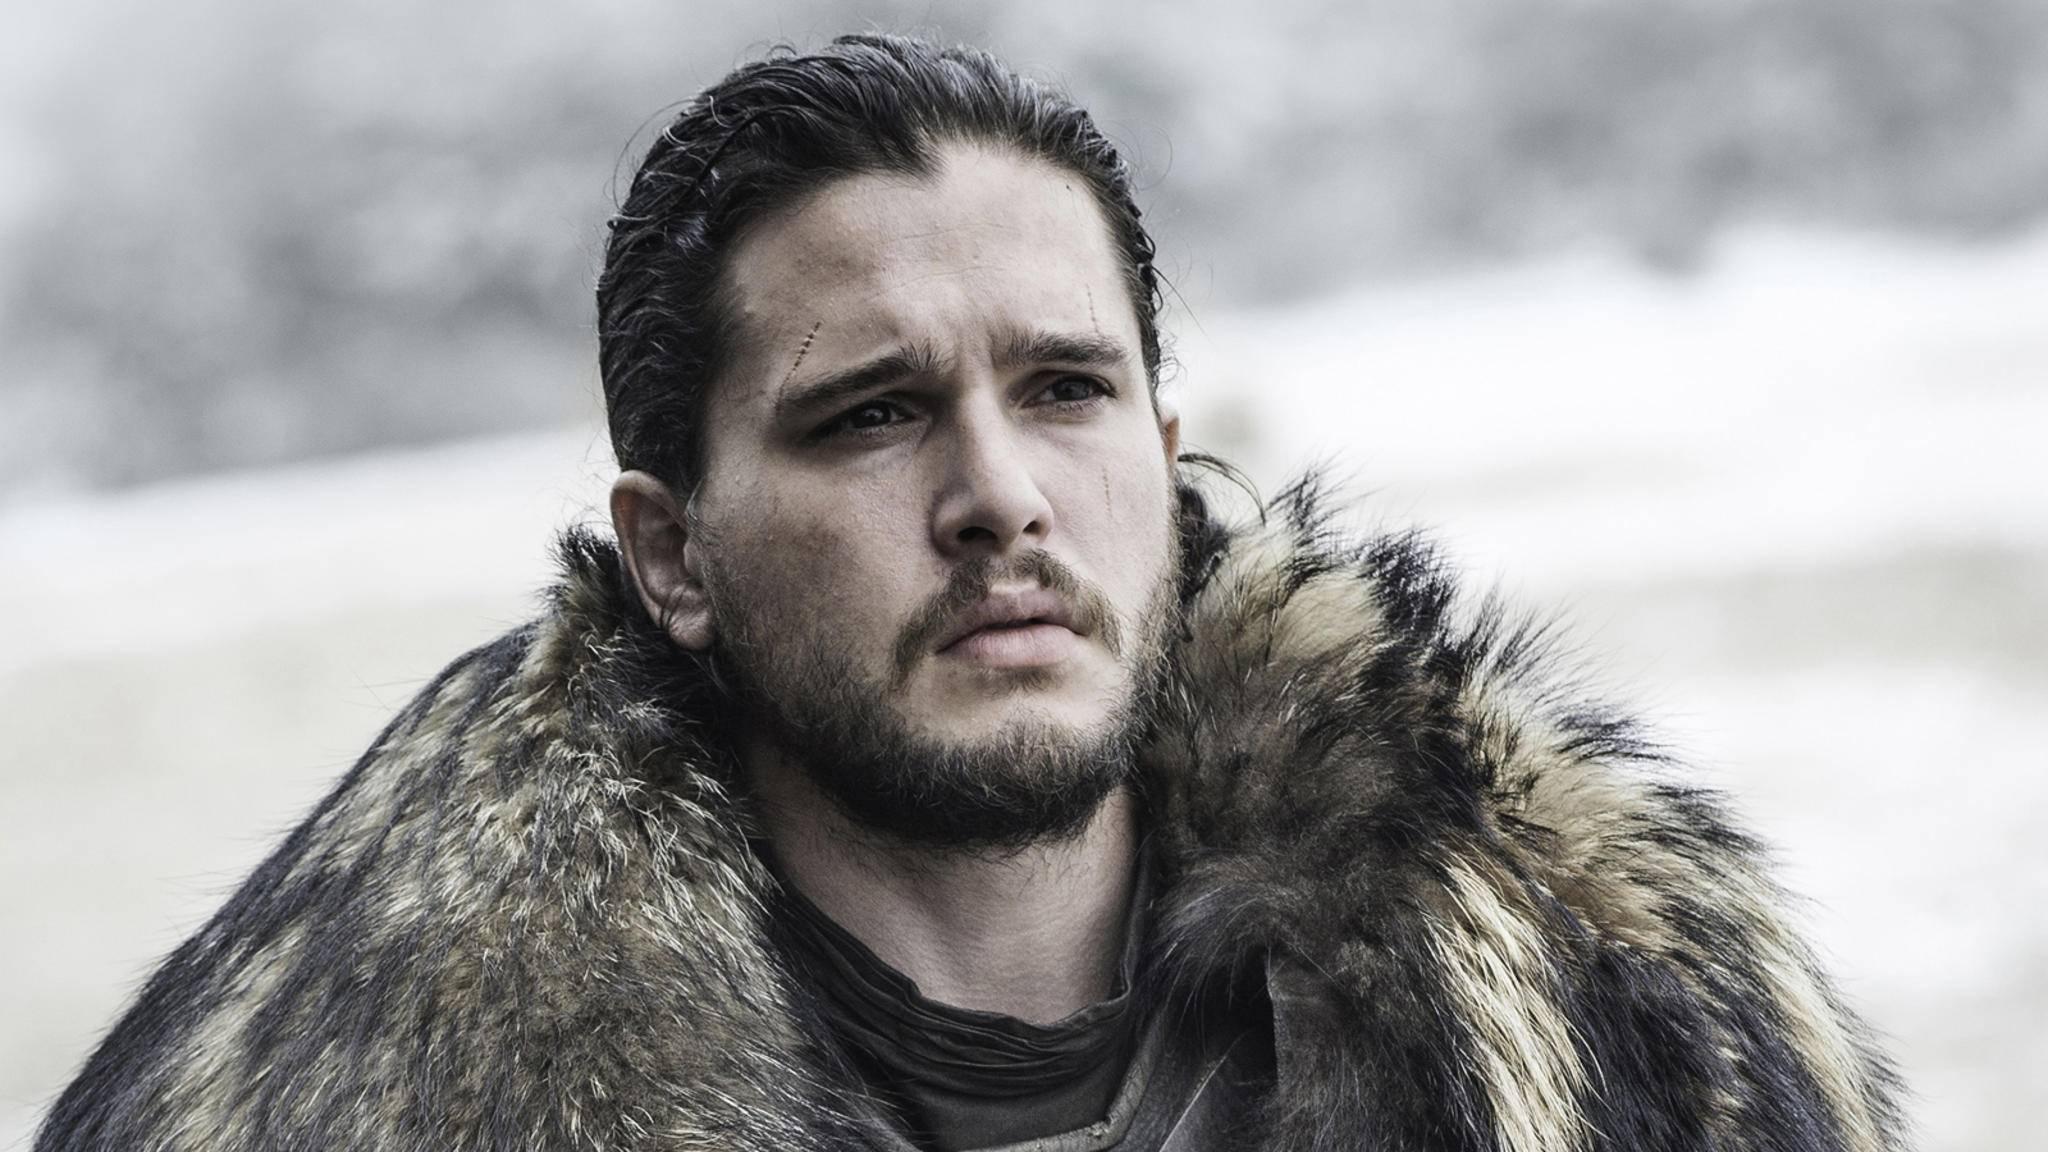 Der wahre Name von Jon Snow enthüllt dessen wahres Erbe.